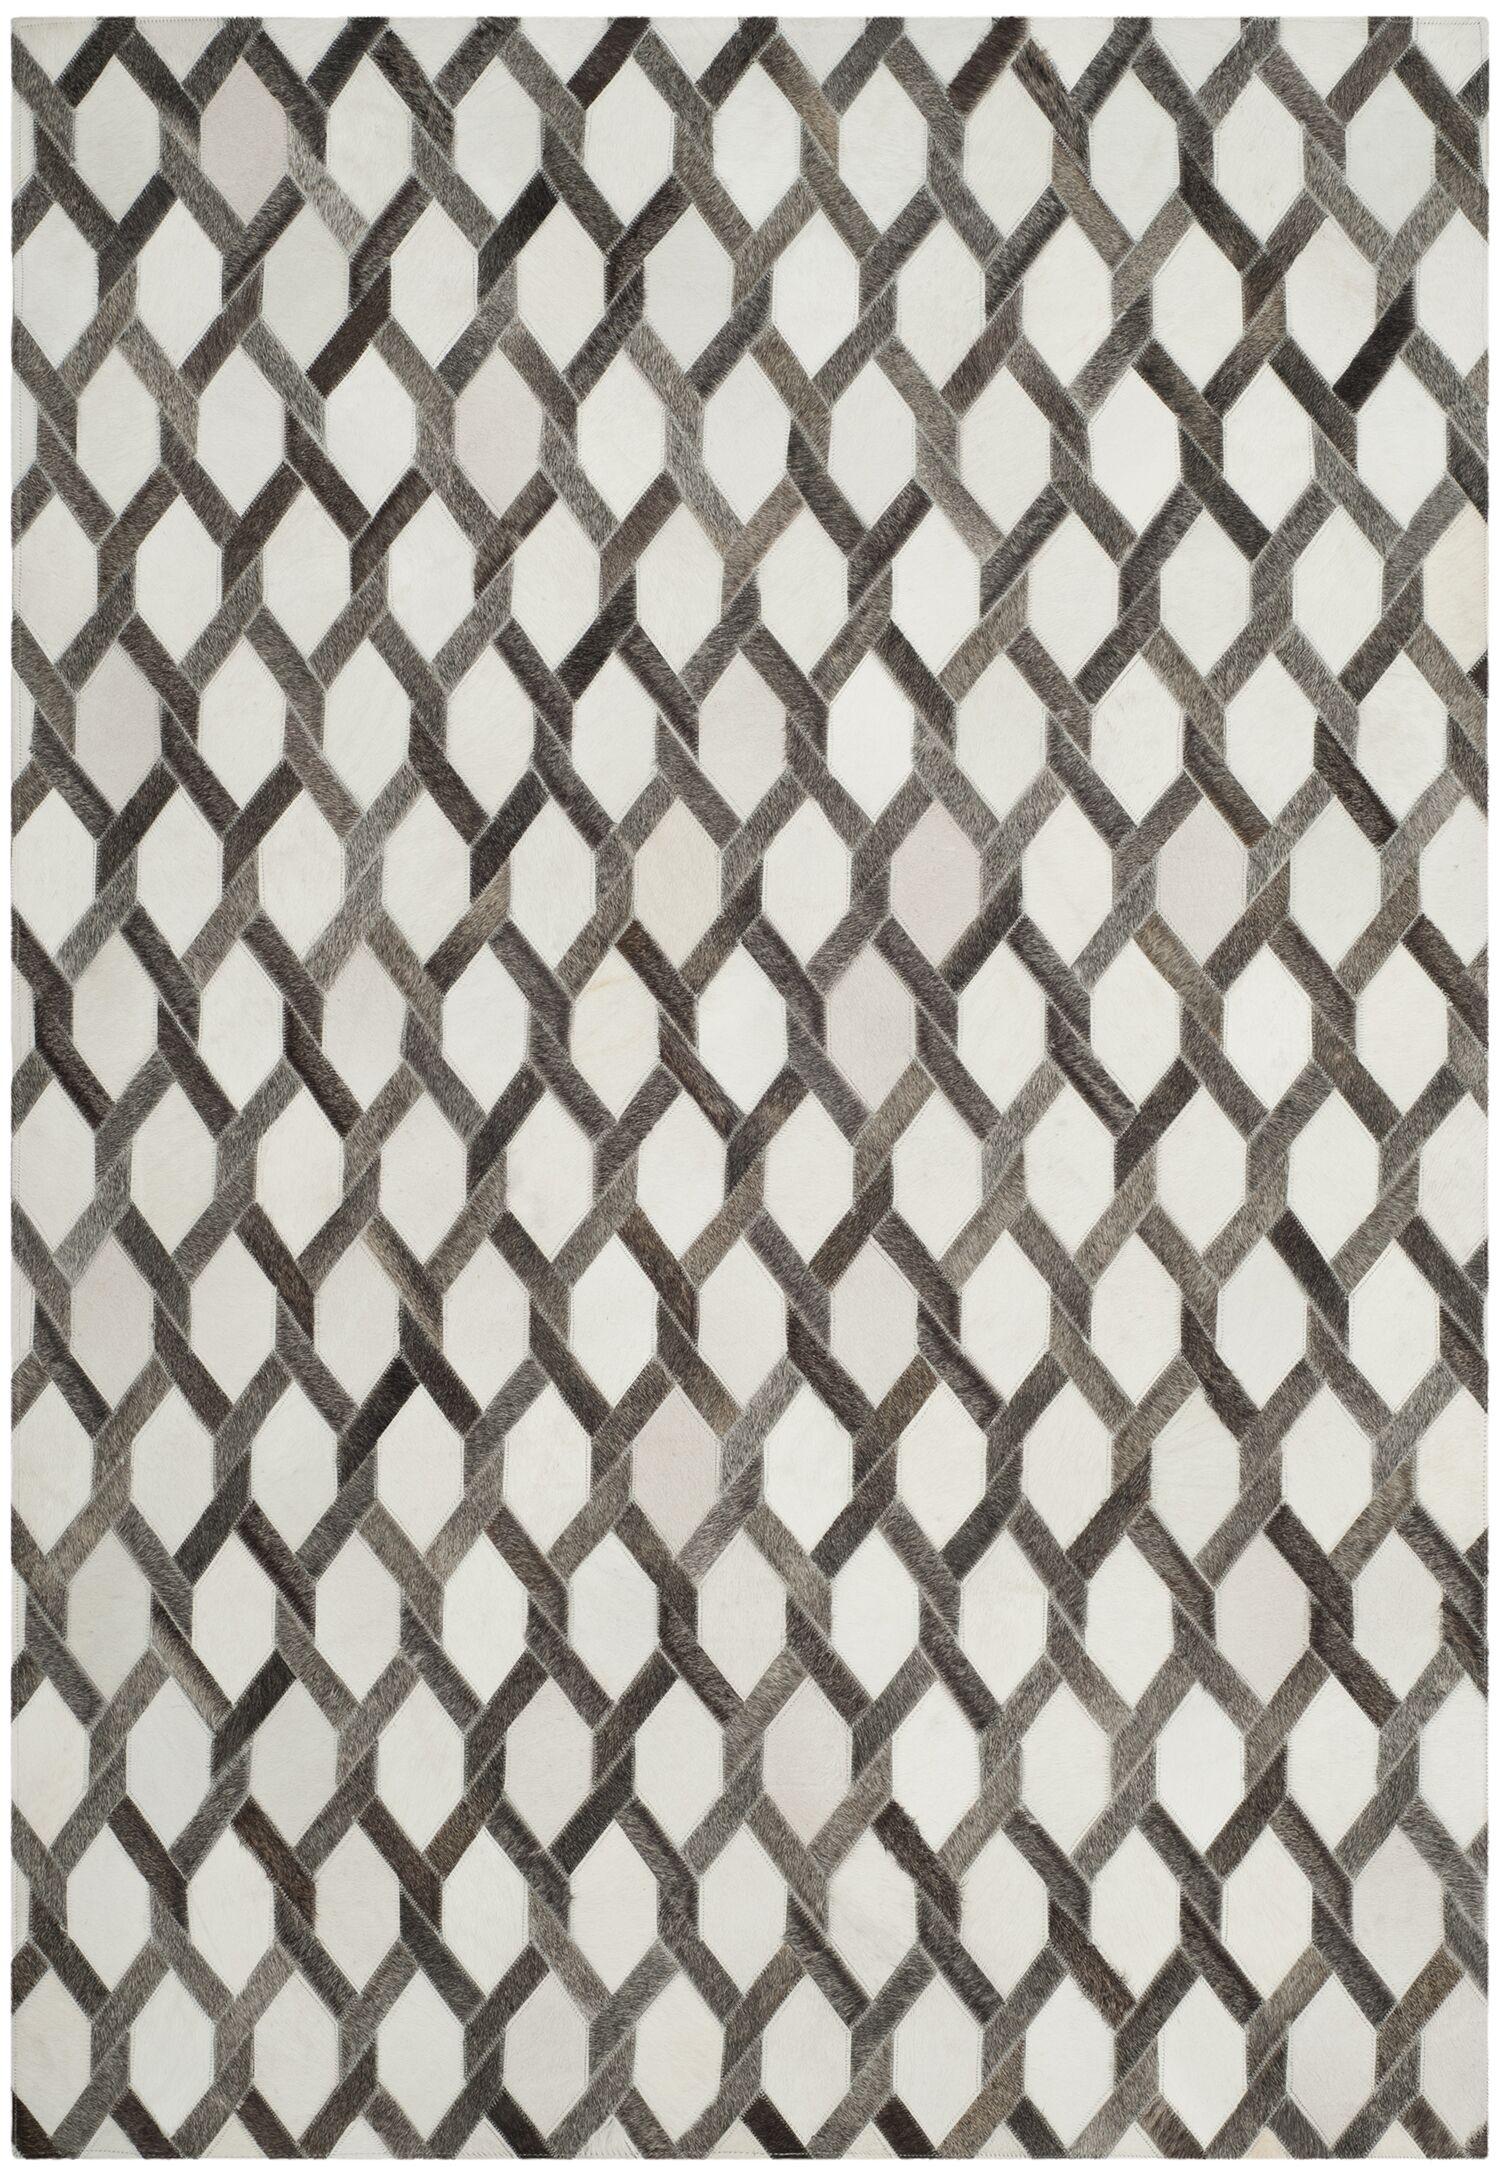 Sevastopol Hand-Woven Ivory/Gray Area Rug Rug Size: Runner 2'3